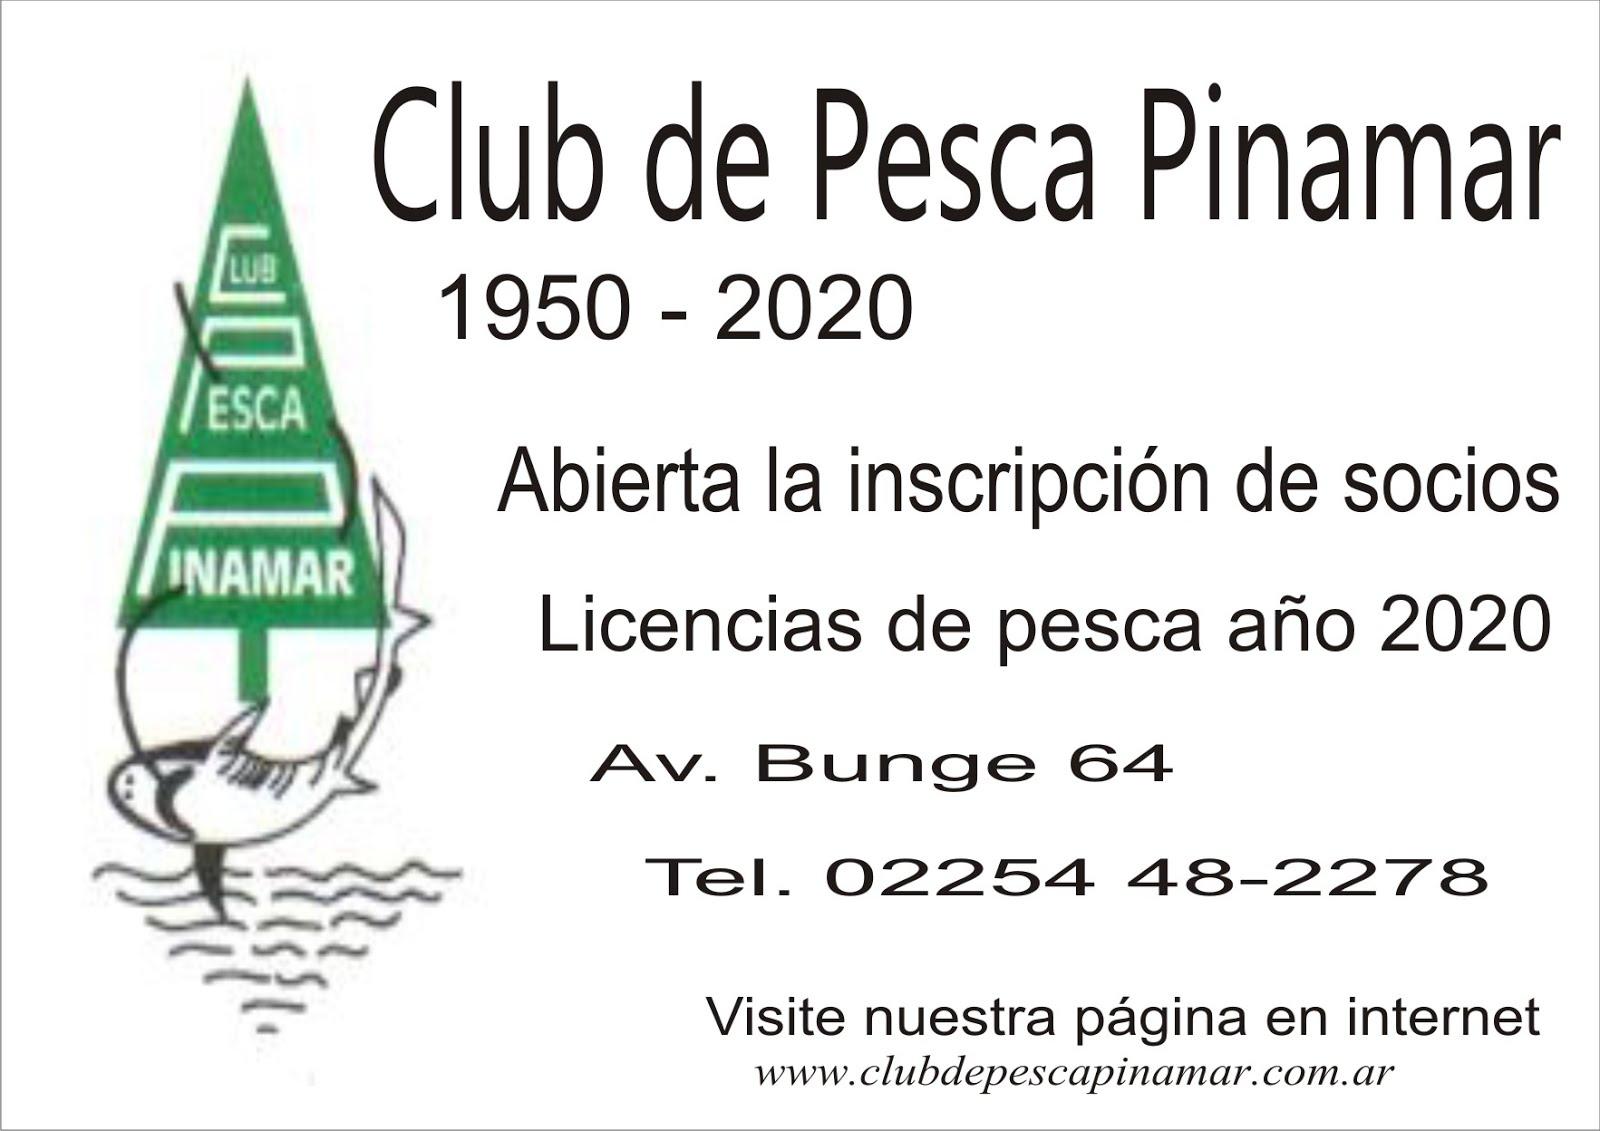 Club de Pesca Pinamar